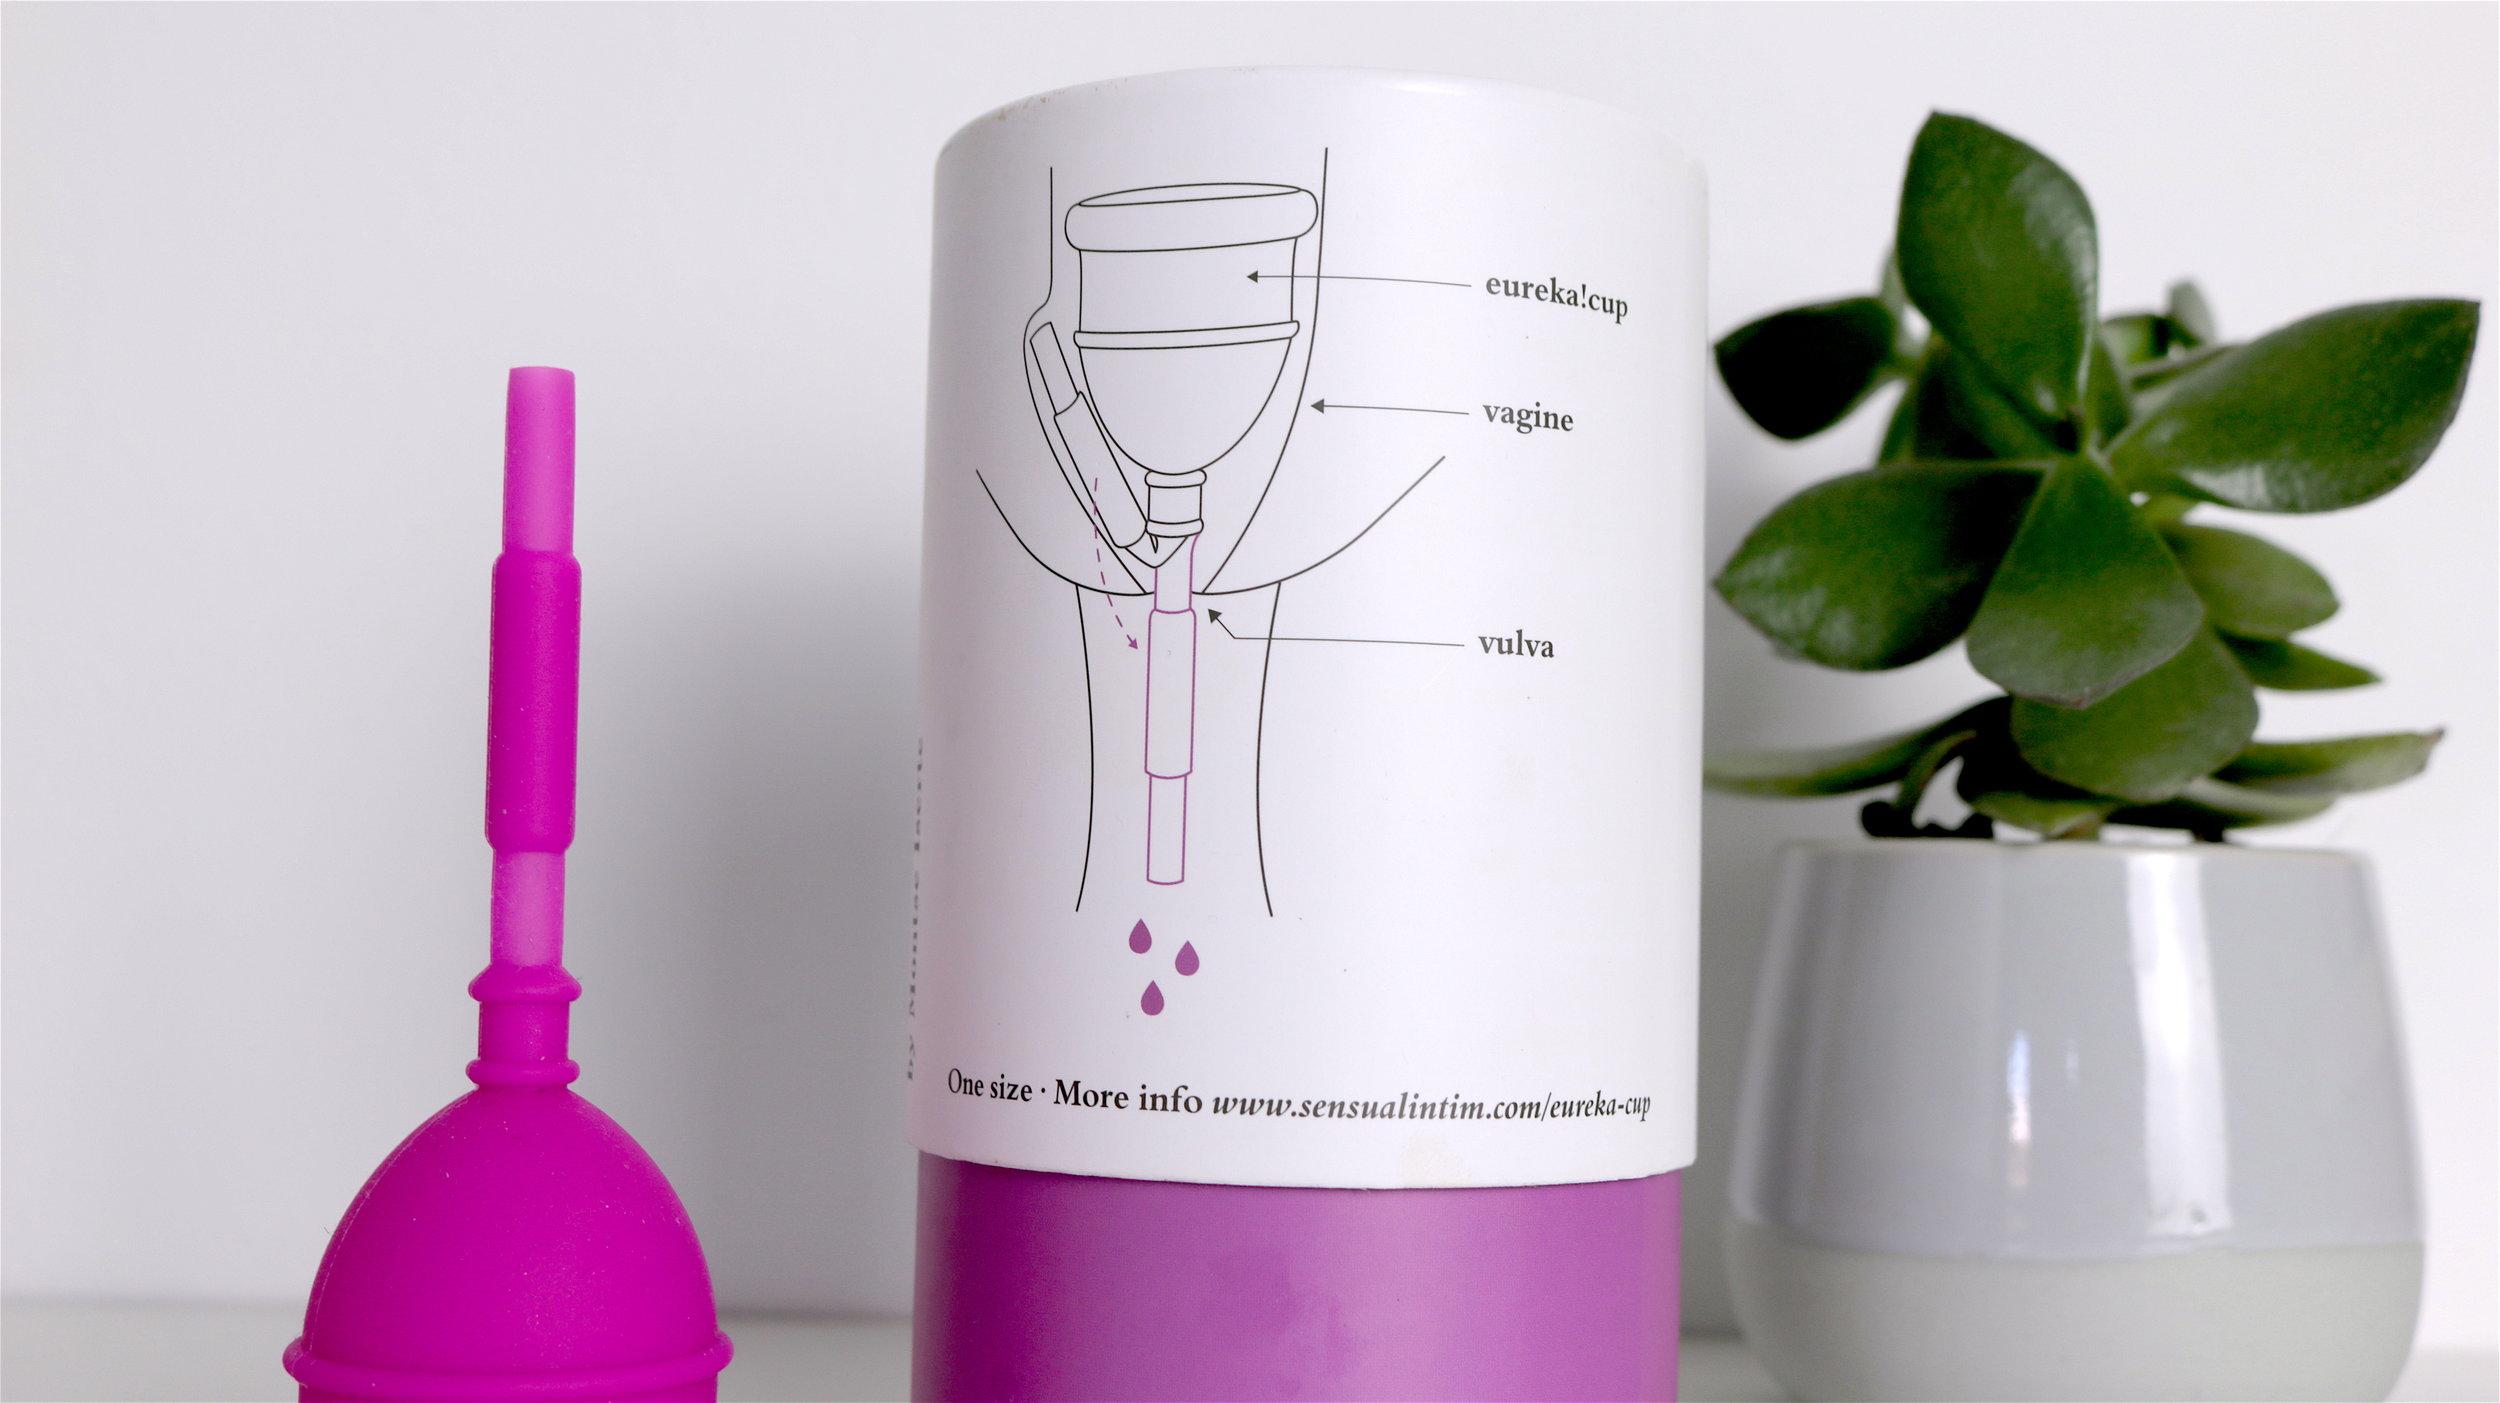 Podéis ver en el dibujo cómo queda la copa una vez introducida.